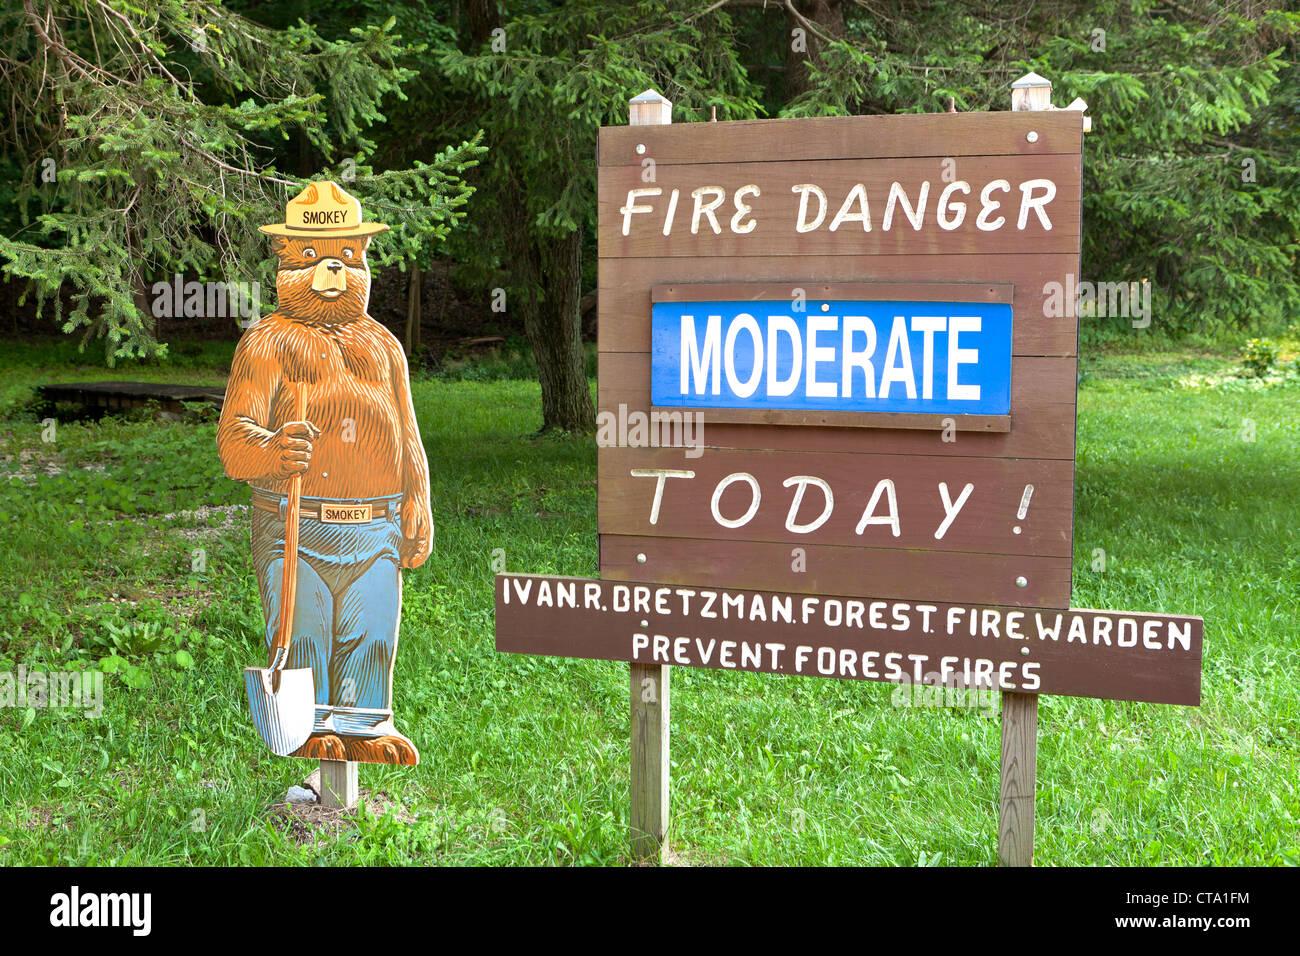 Fire danger warning sign - Stock Image